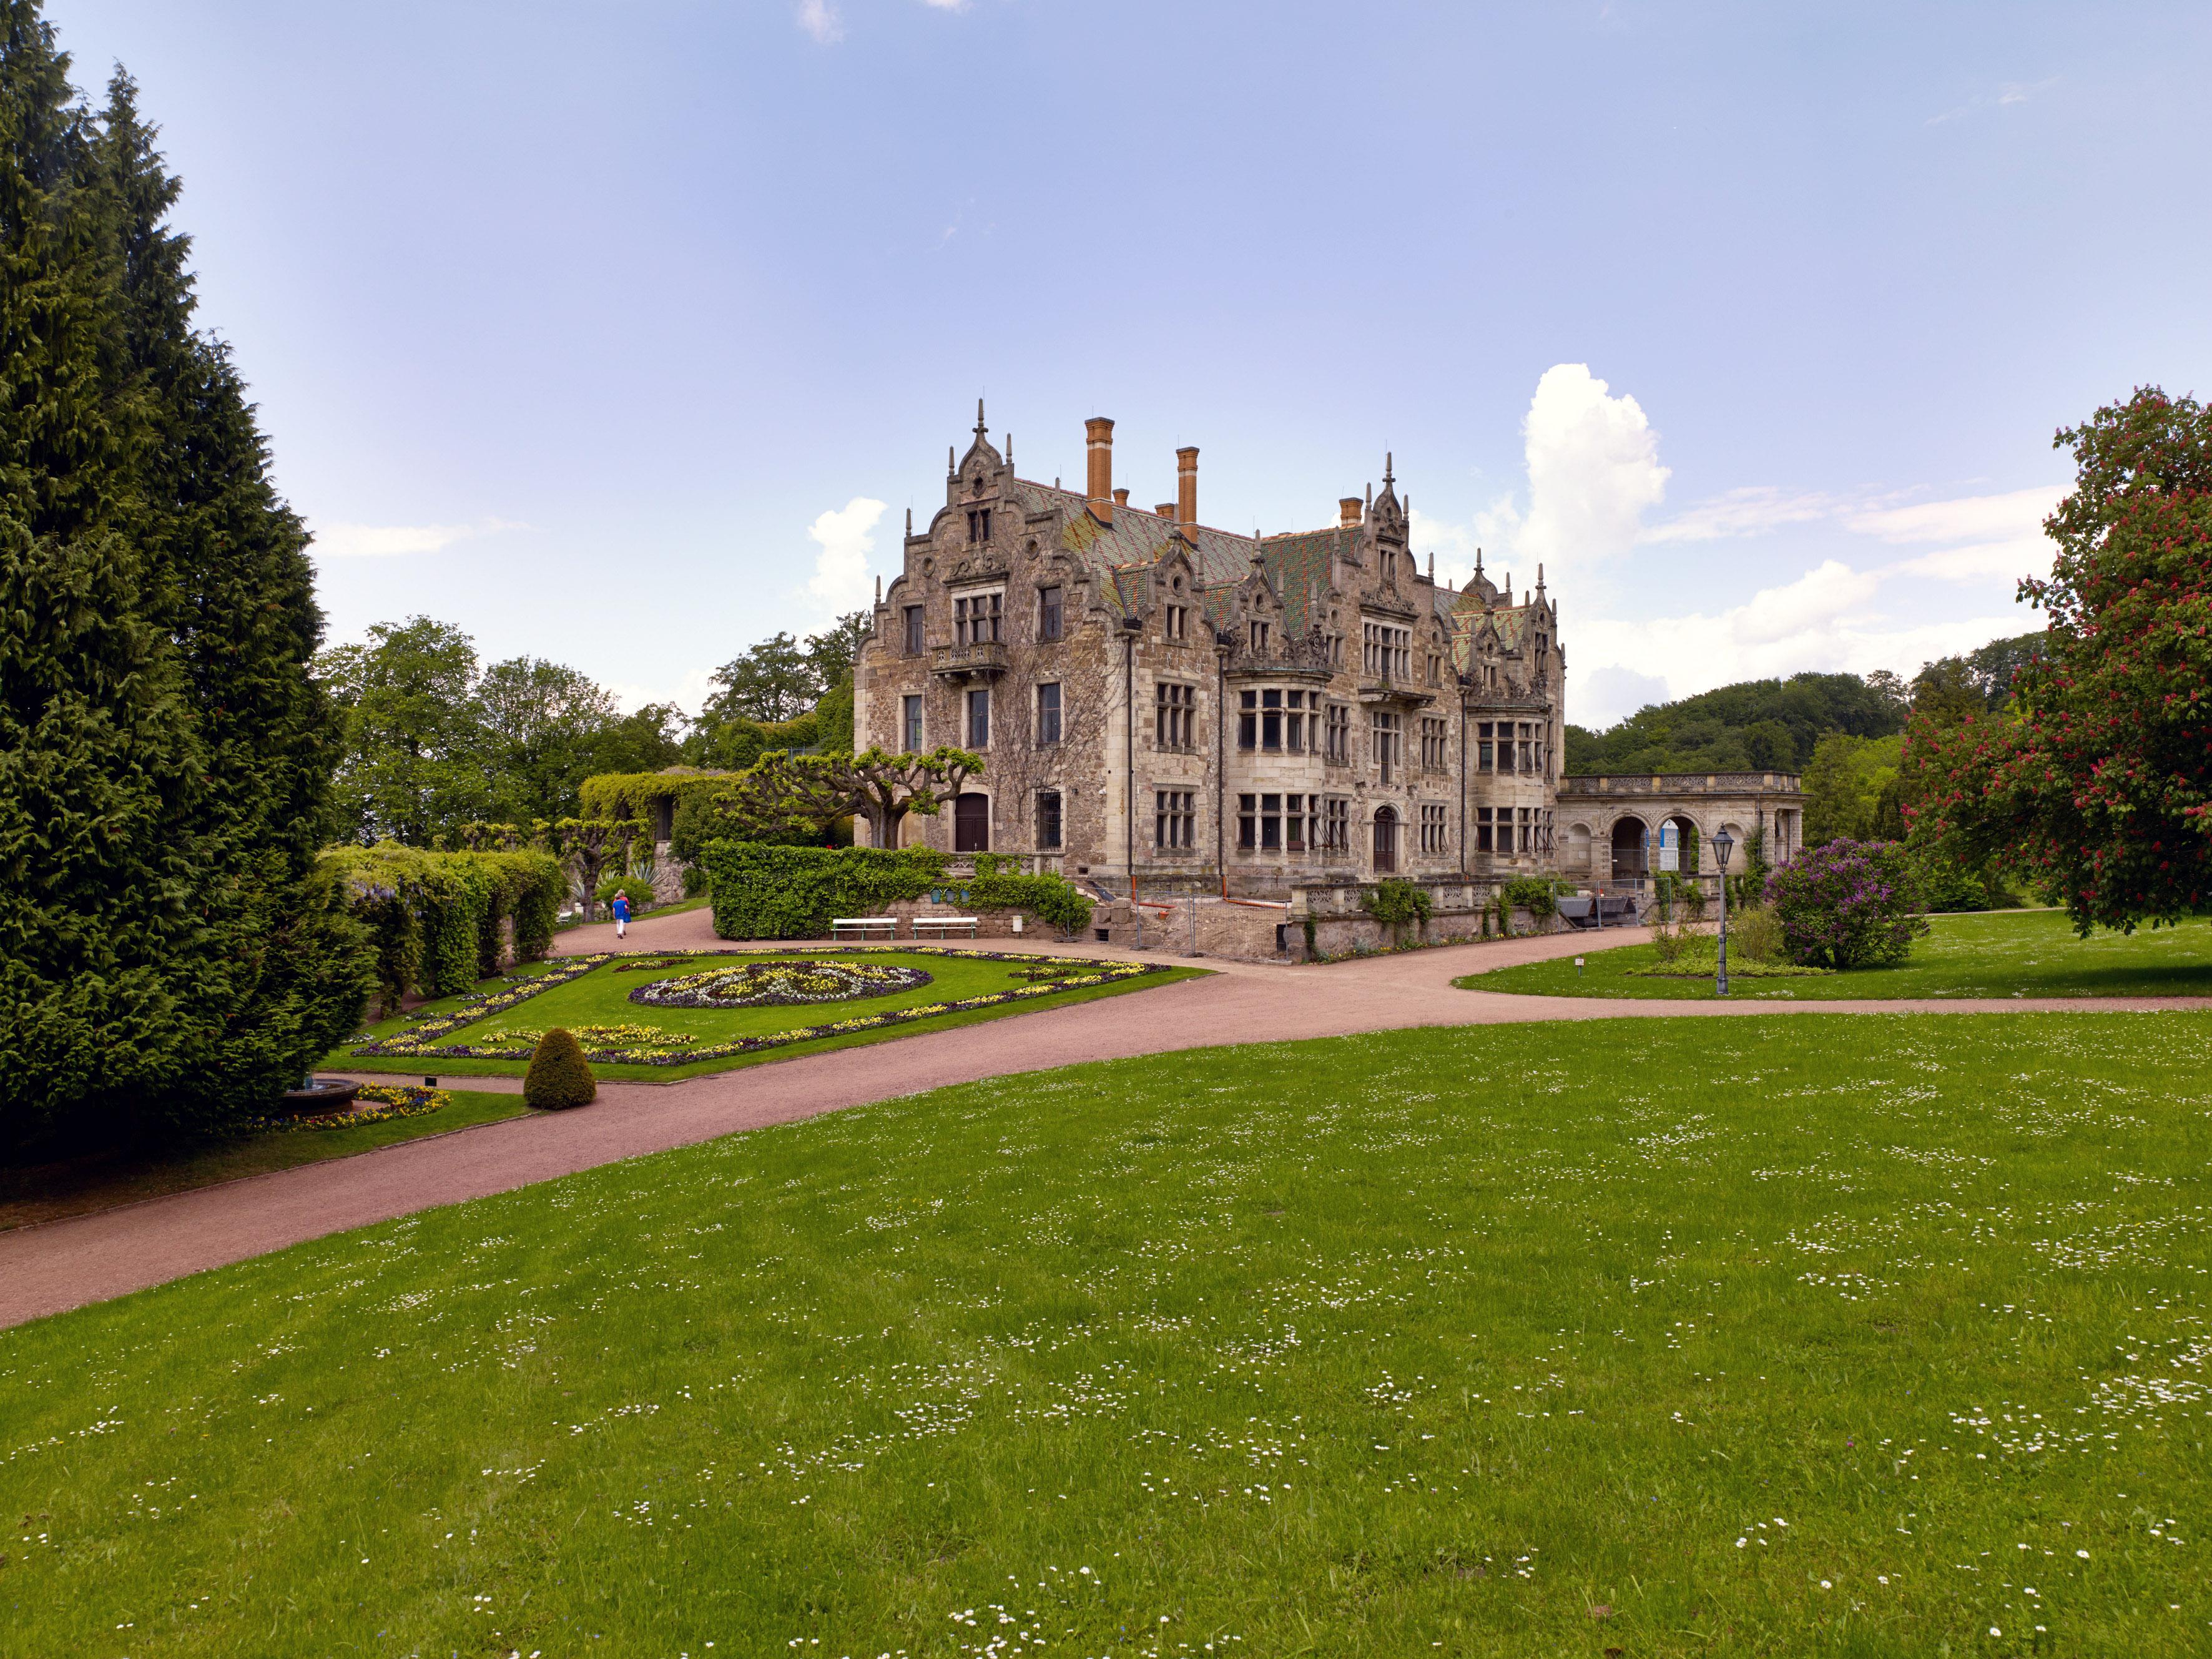 Barockes Schloss in einer Parkanlage mit Weg, Rasen und rundem Blumenbeet